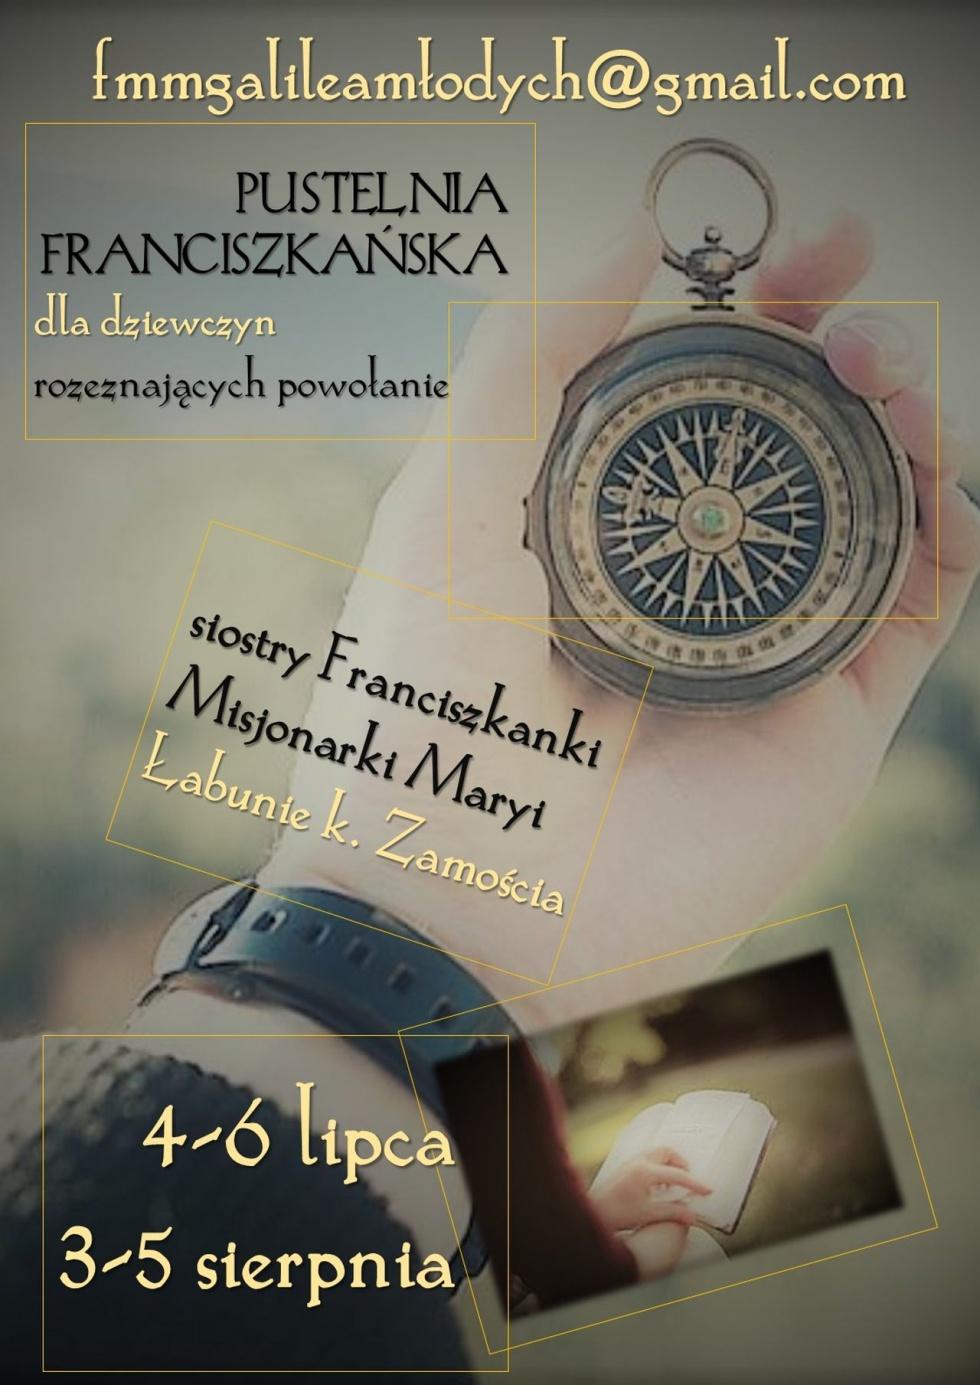 Pustelnia Franciszkańska